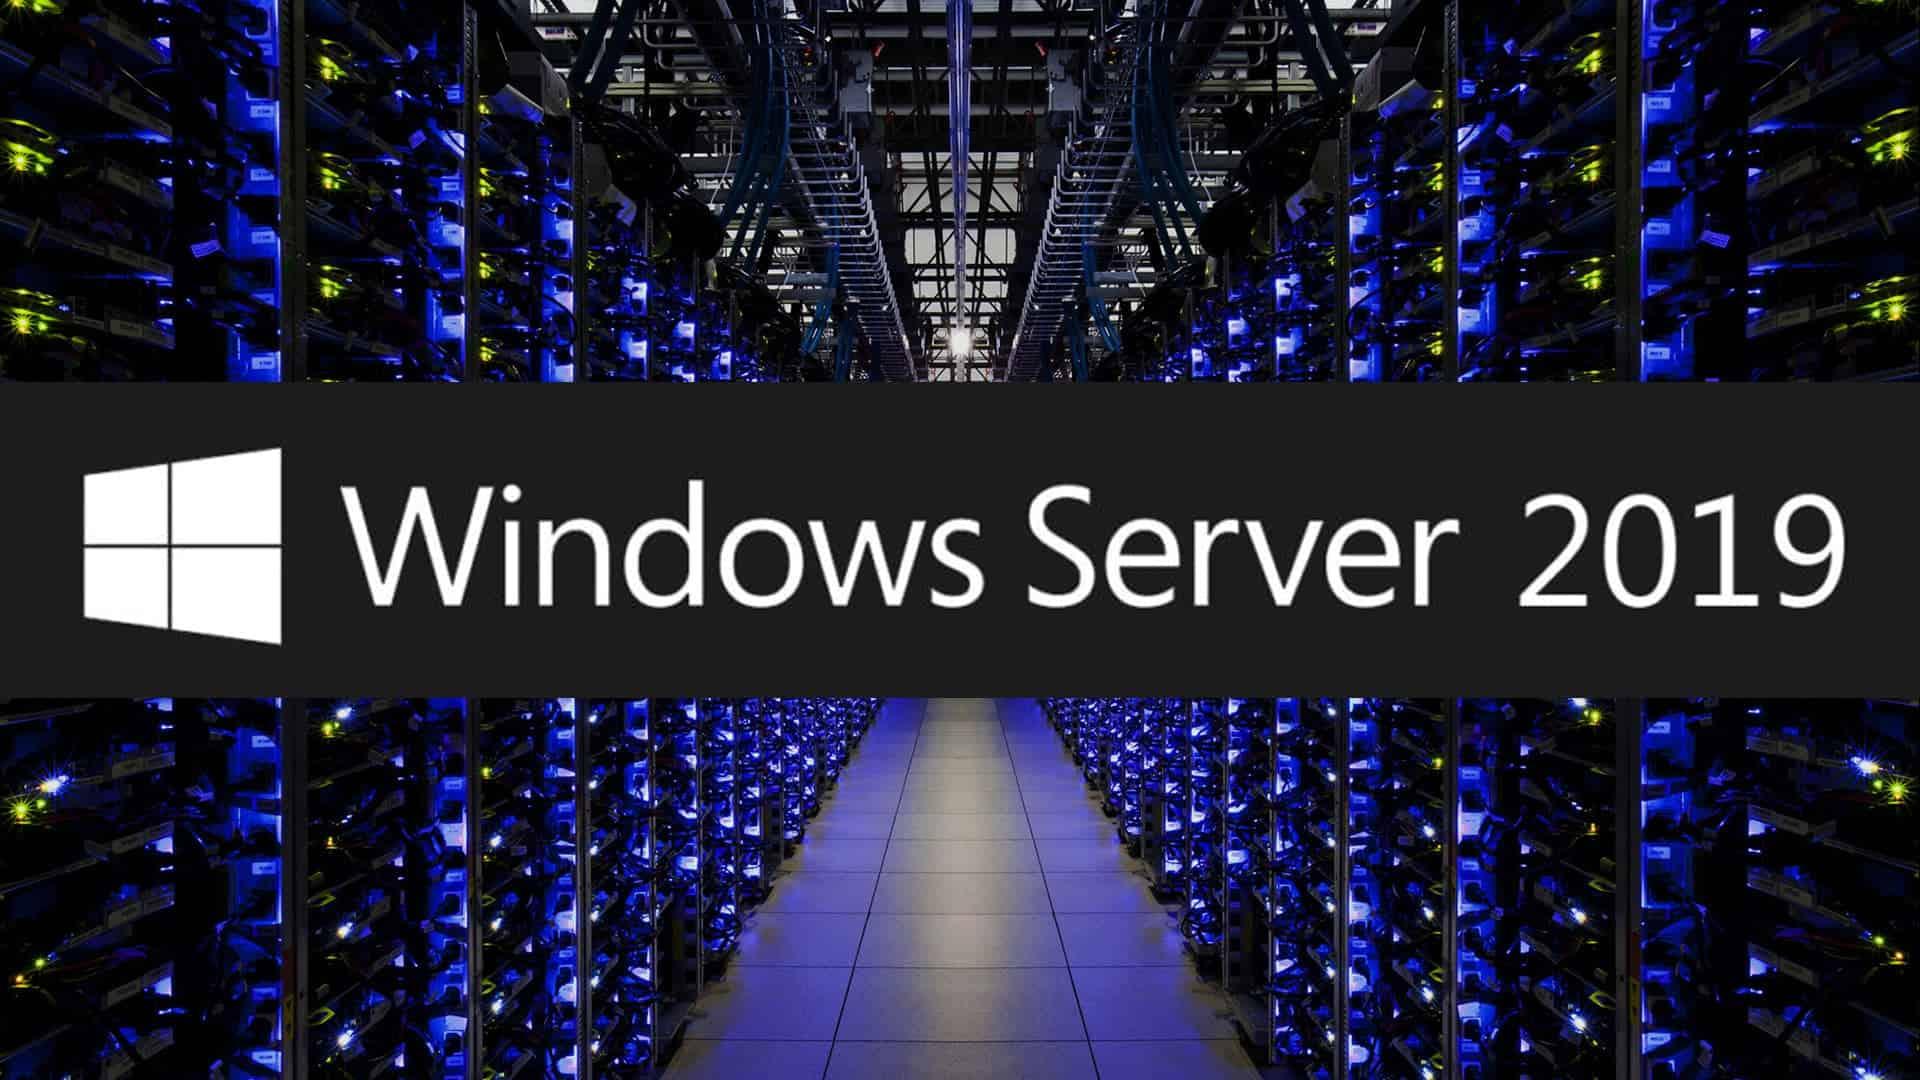 Windows Server 2019 Hybrid and Azure IaaS